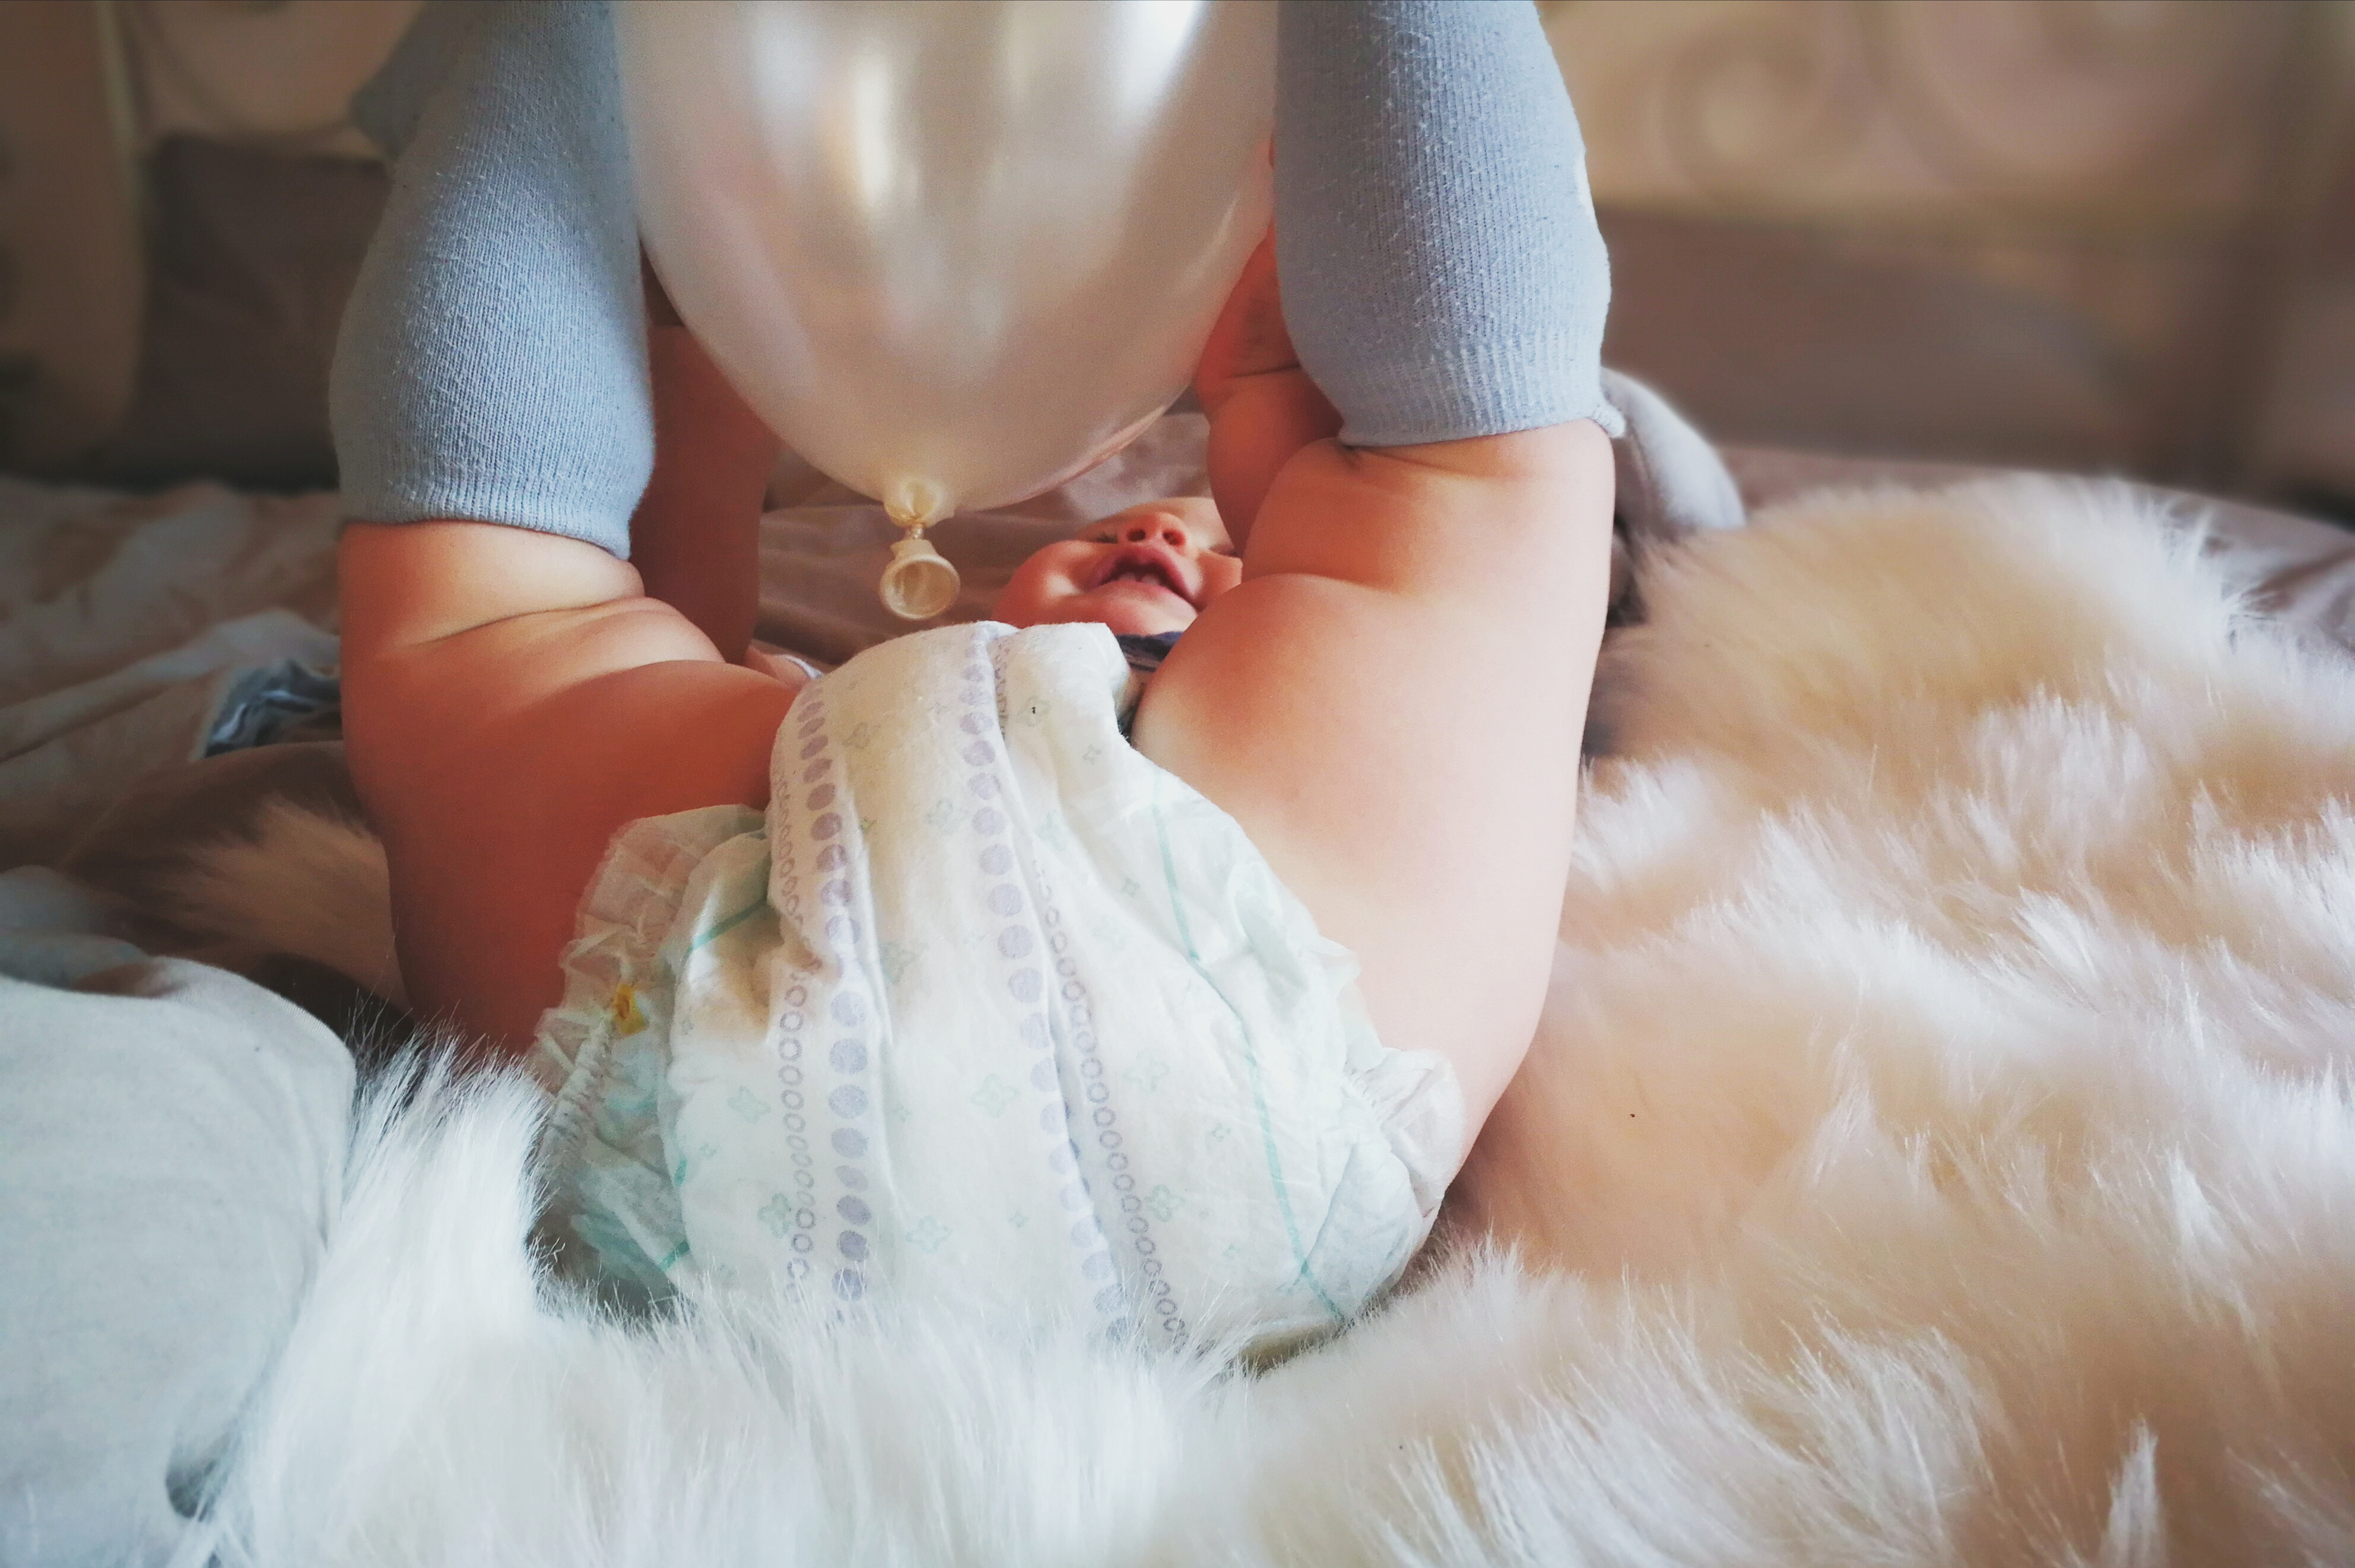 Treten bei Ihrem Kind immer wieder mal Schmerzen in den Beinen zur abendlichen meine Tochter ist 15 Jahre alt und hatte letzte Nacht Wachstumsschmerzen, musste ich Arme und beine immer wieder strecken und wieder anziehen.